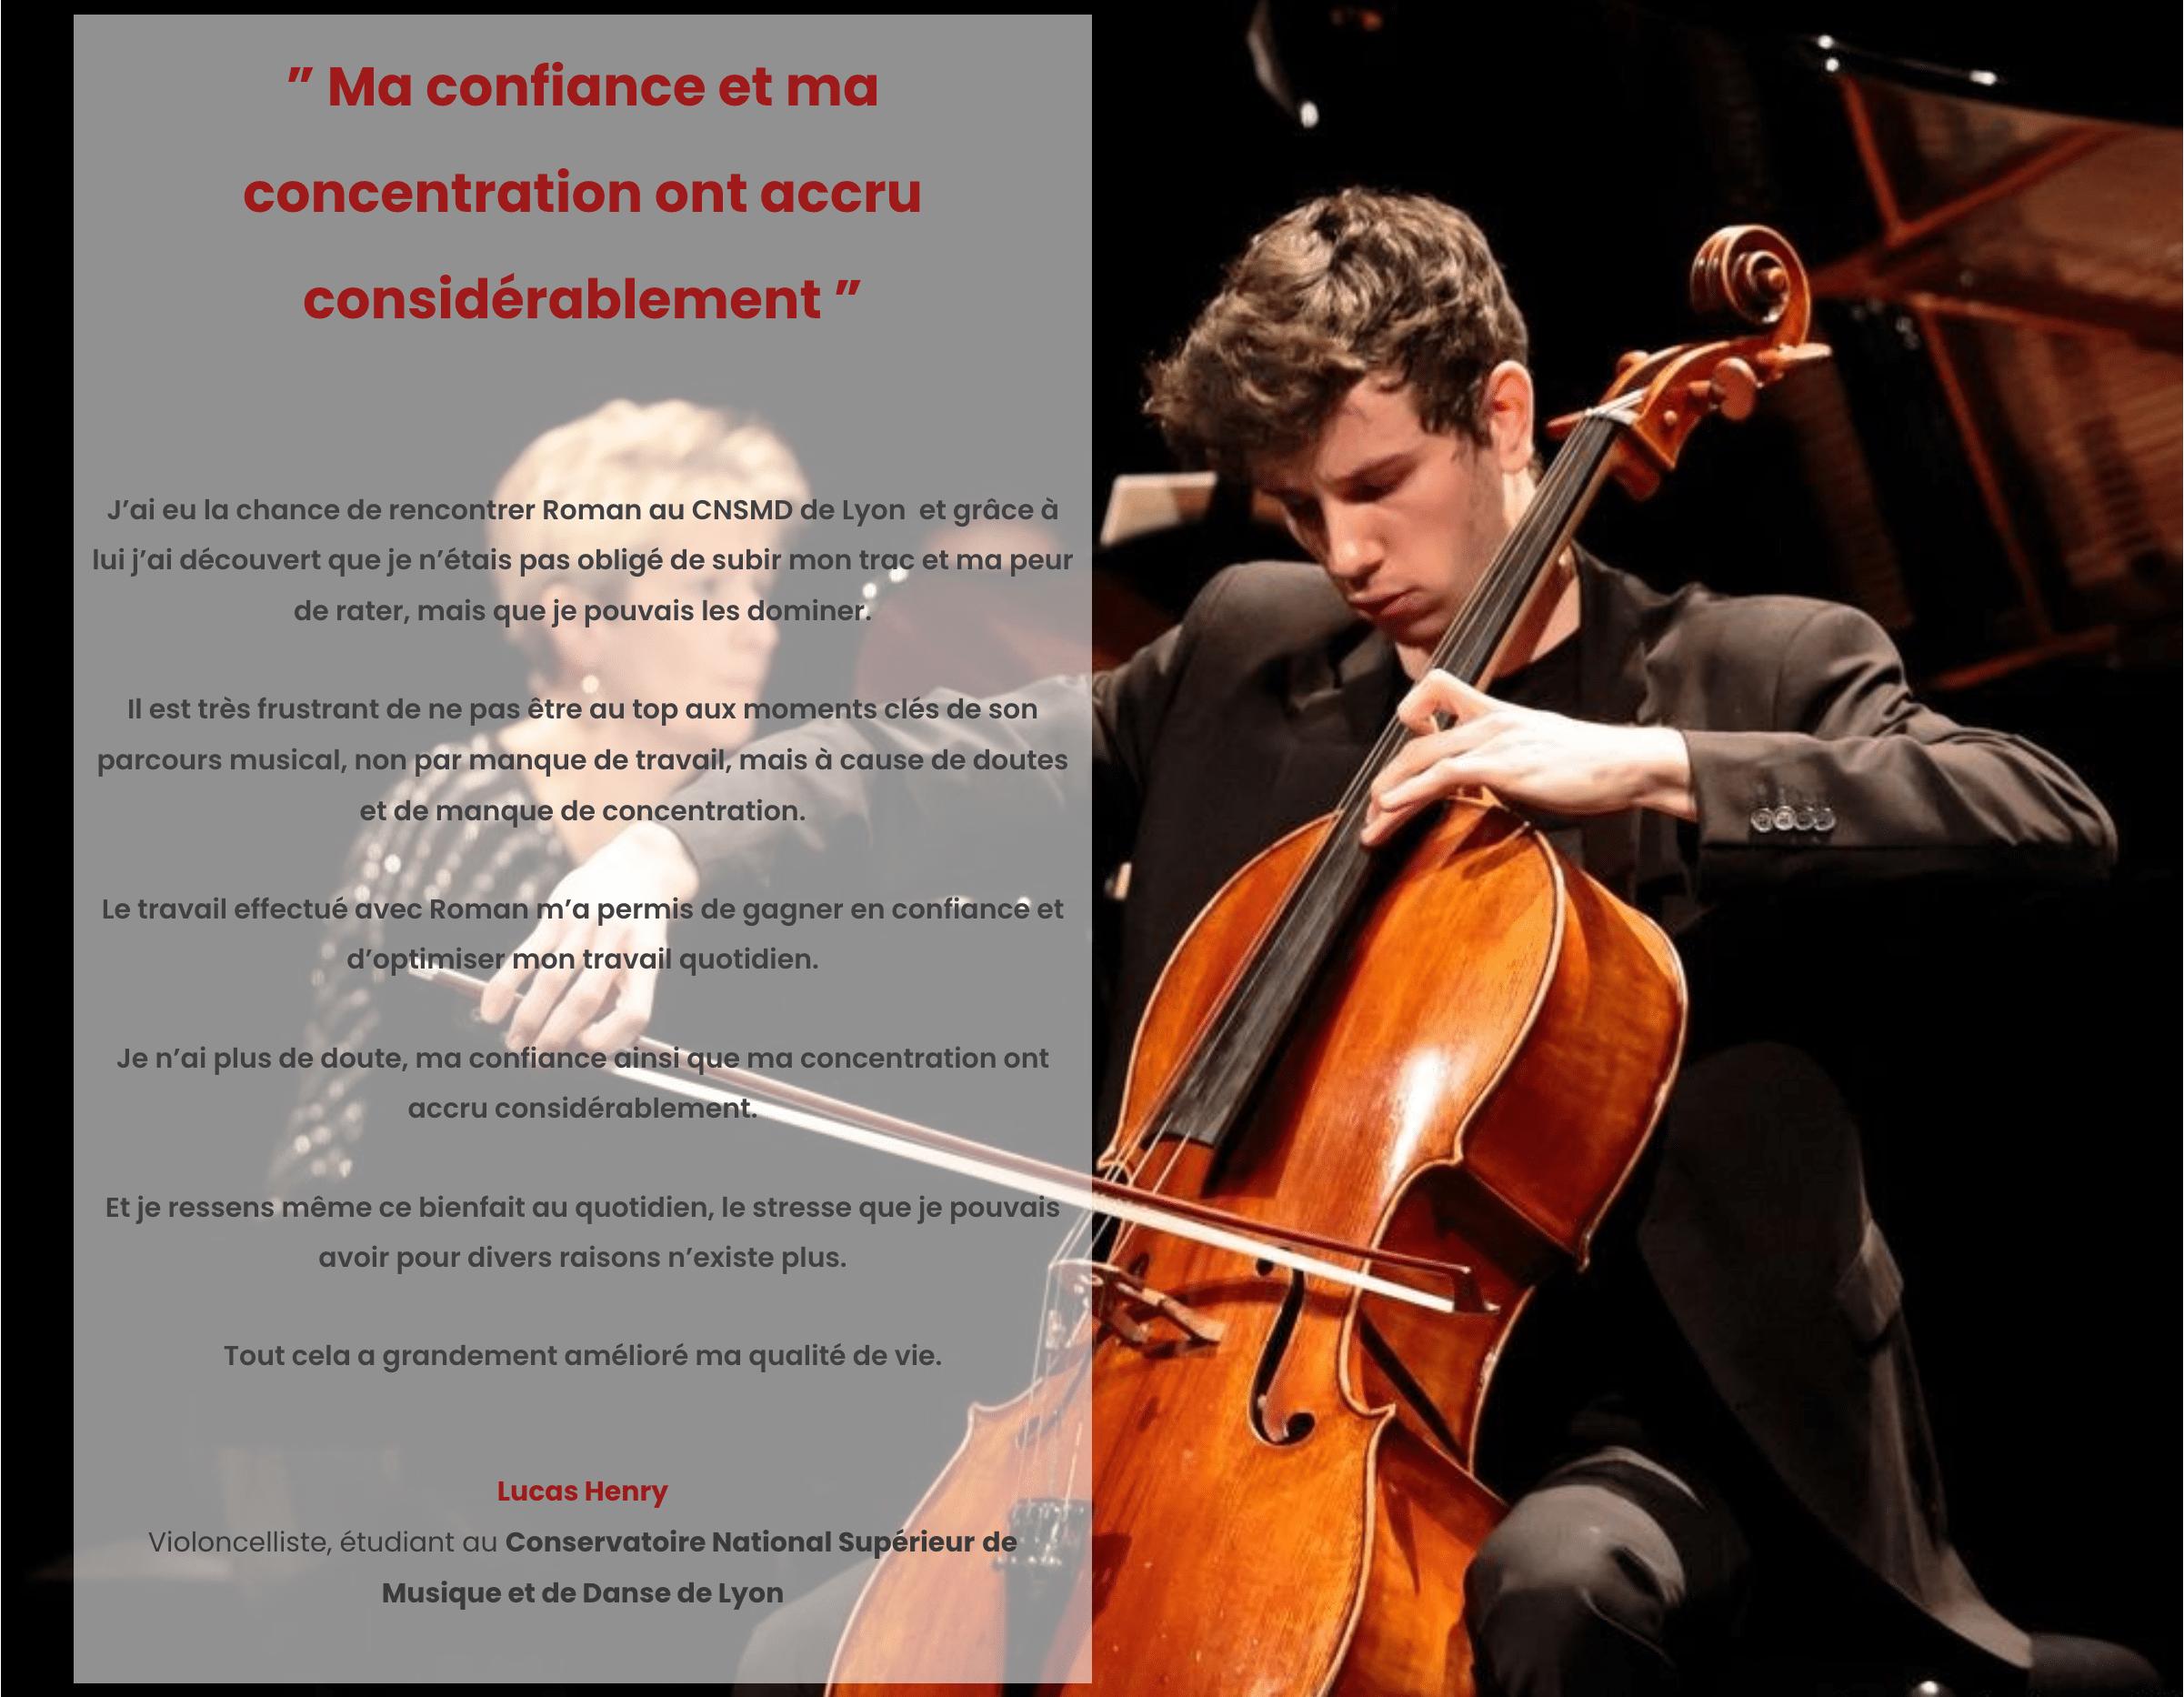 Ouimusique Témoignage Lucas violoncelliste étudiant conservatoire nationale supérieur de Lyon